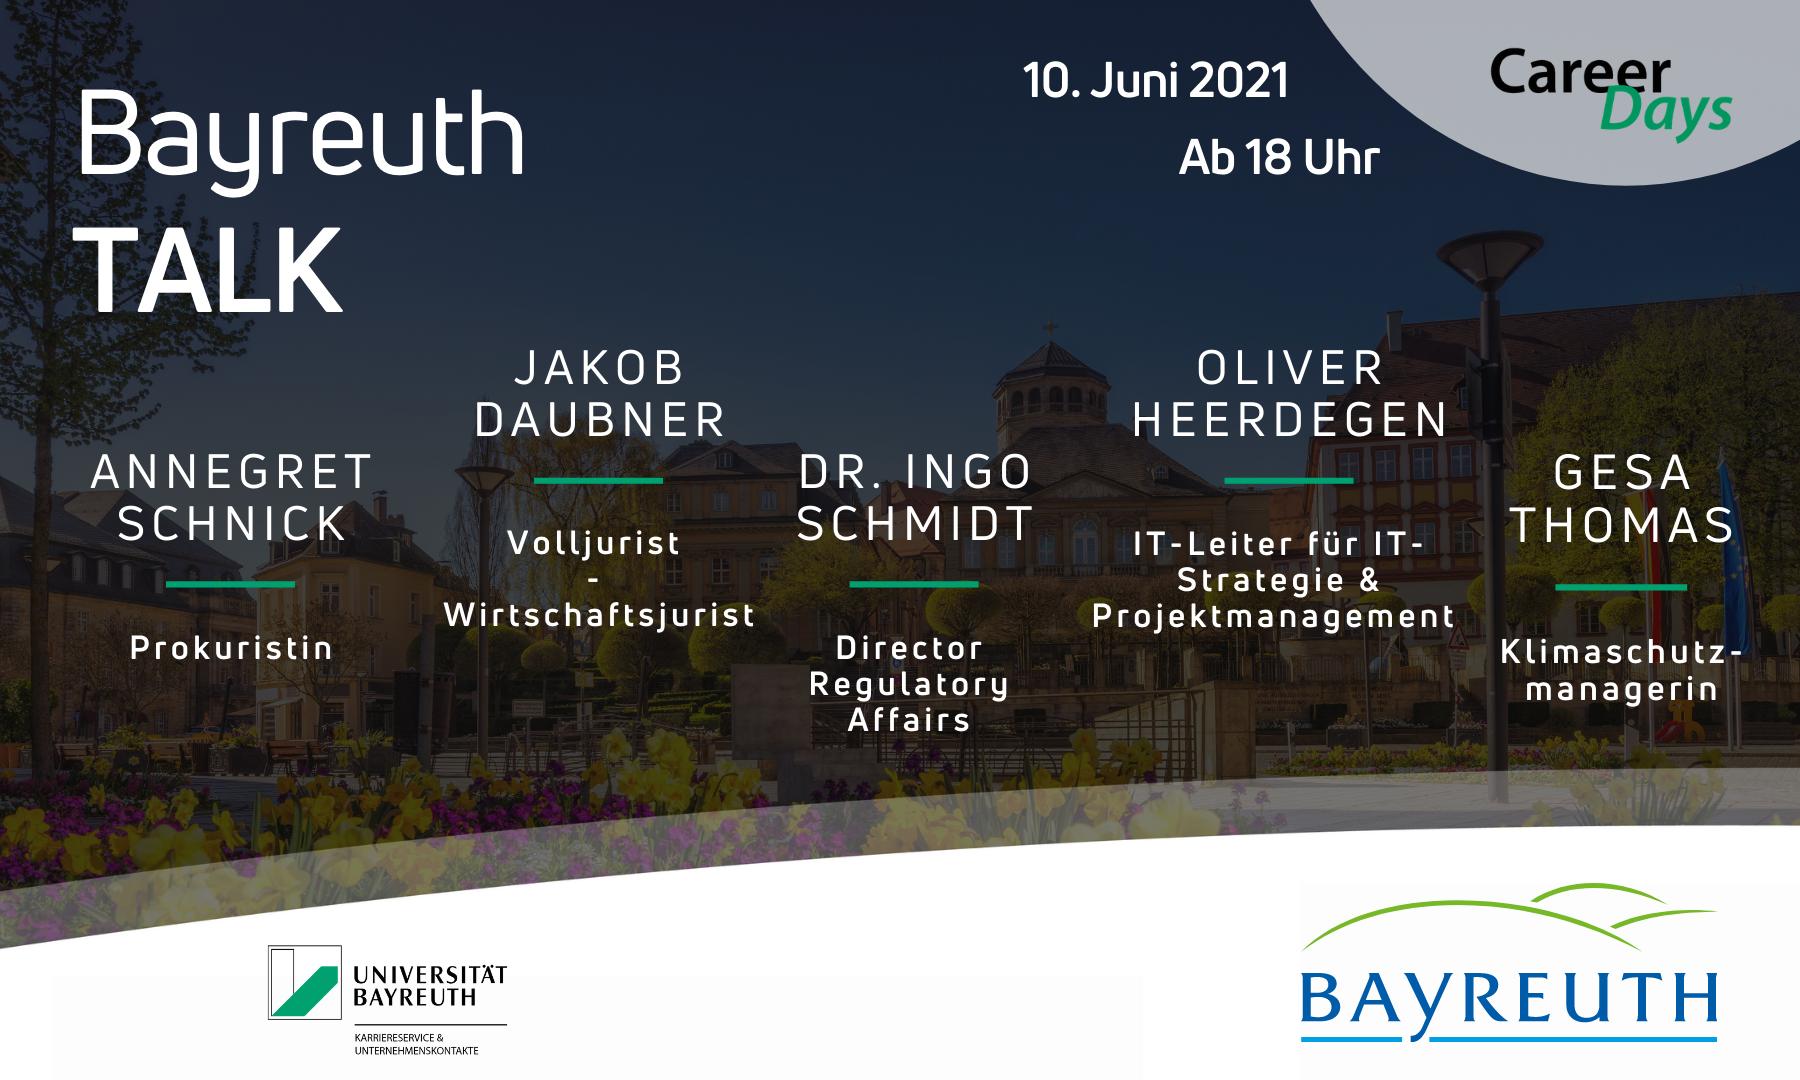 bayreuth-talk am 10.06.21